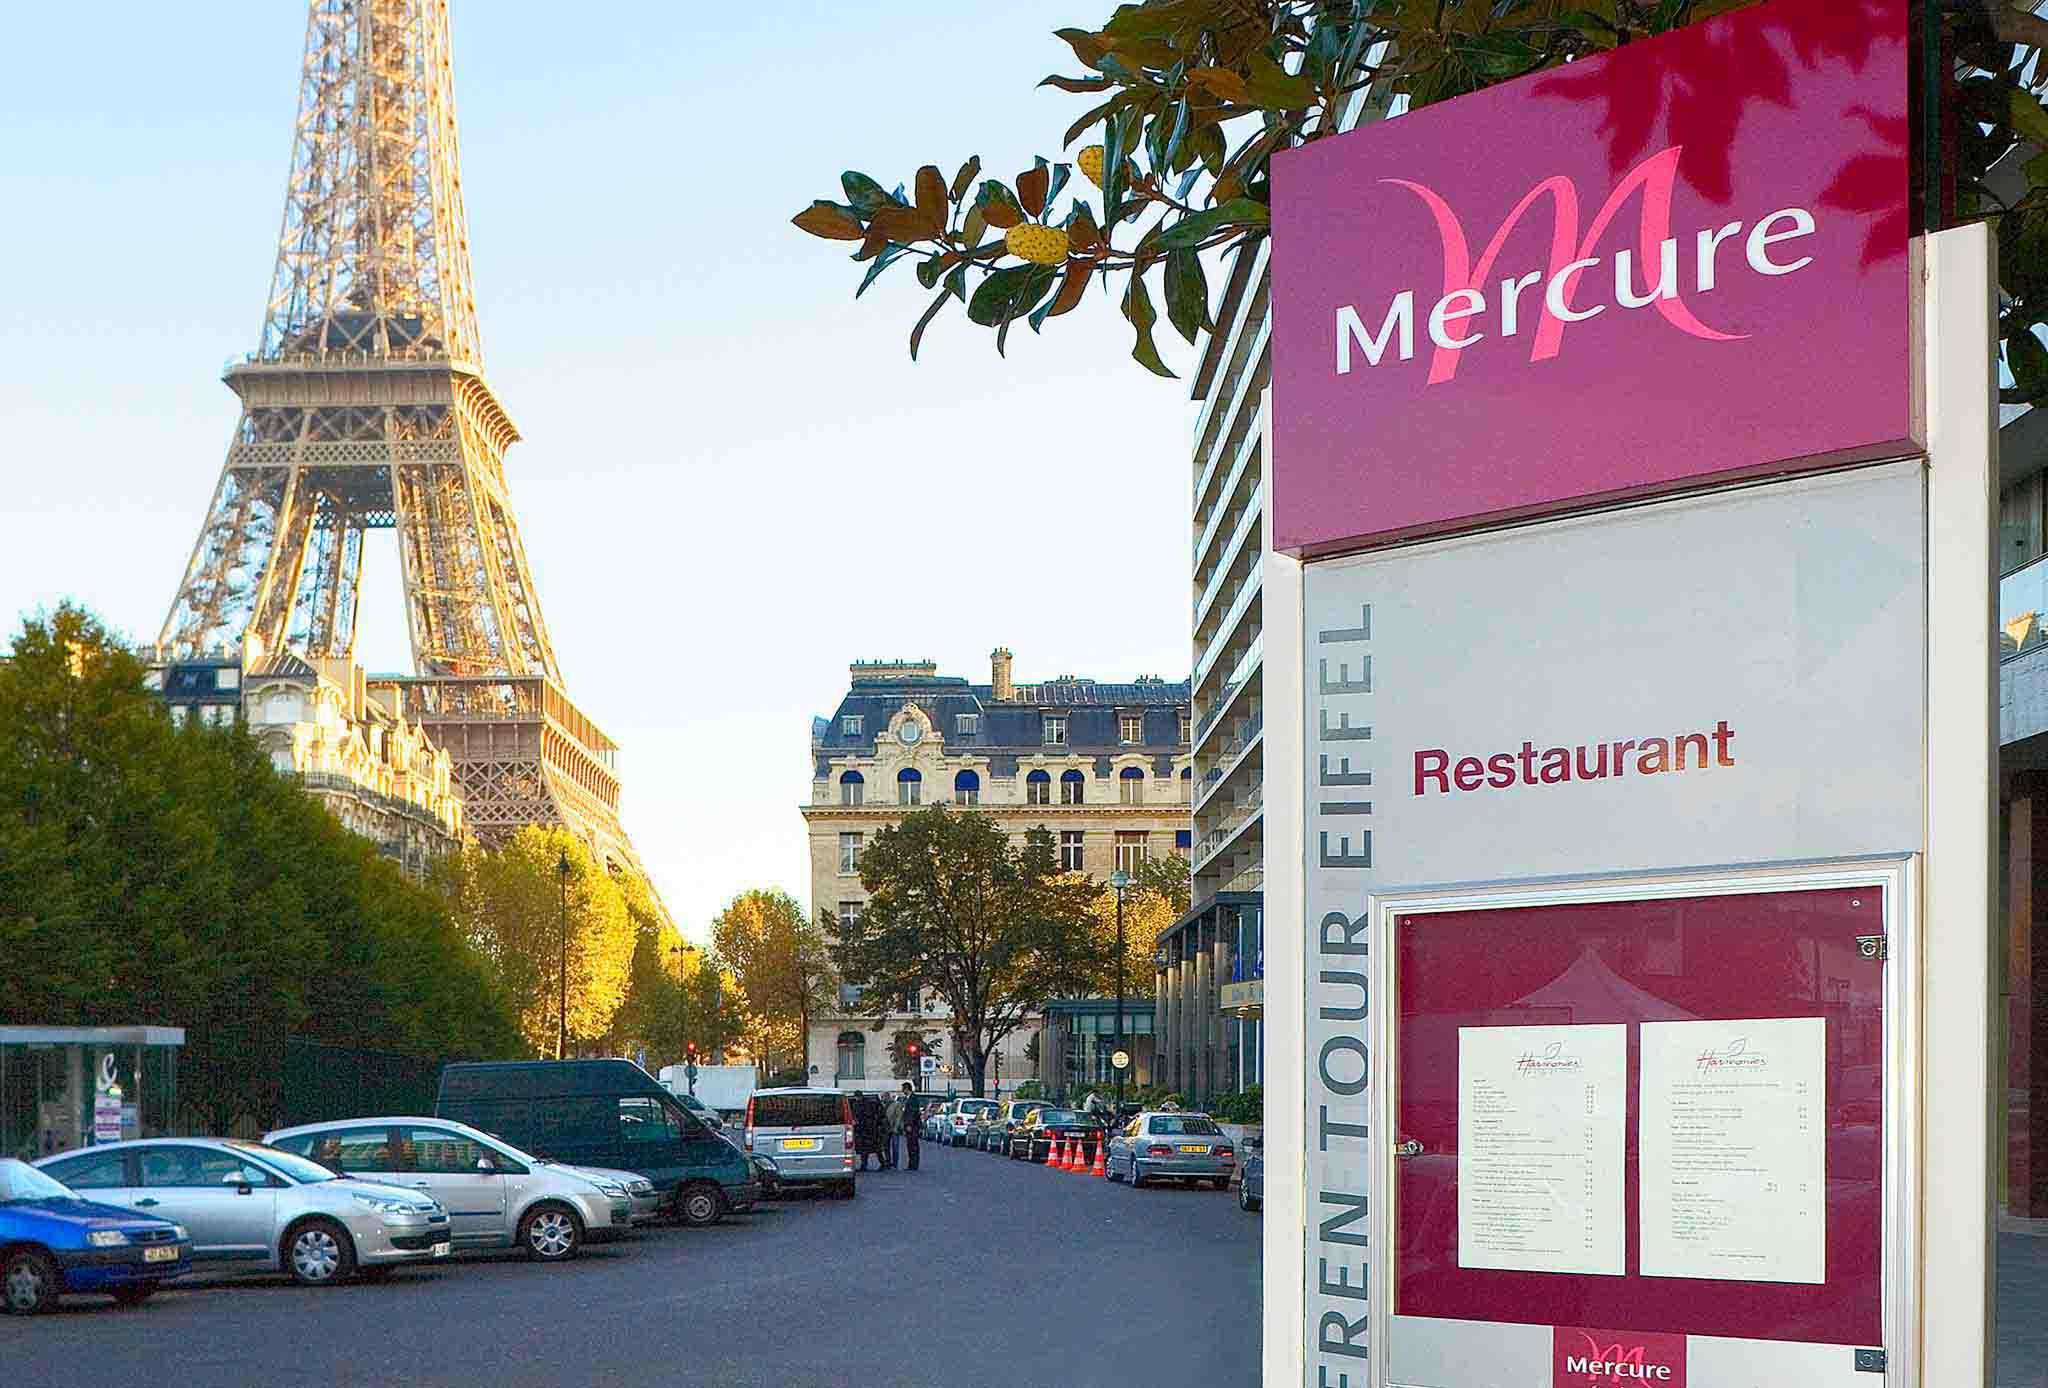 http://Hotel%20Mercure%20Paris%20Centre%20Tour%20Eiffel%20–%20เรียบหรูอย่างเหนือระดับ